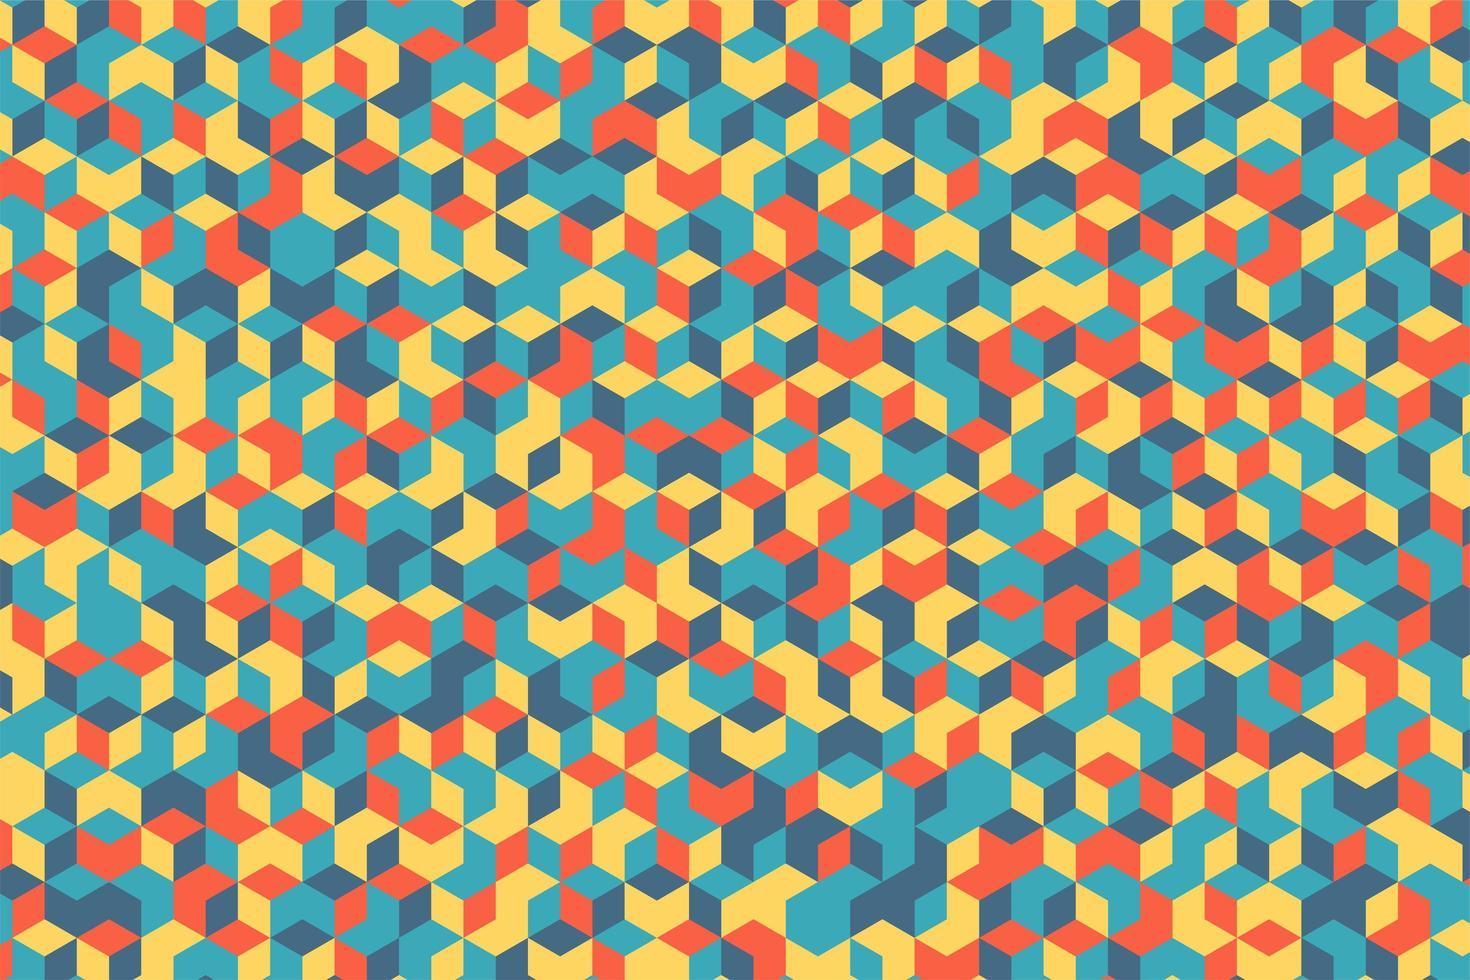 disegno a mosaico colorato forma geometrica vettore